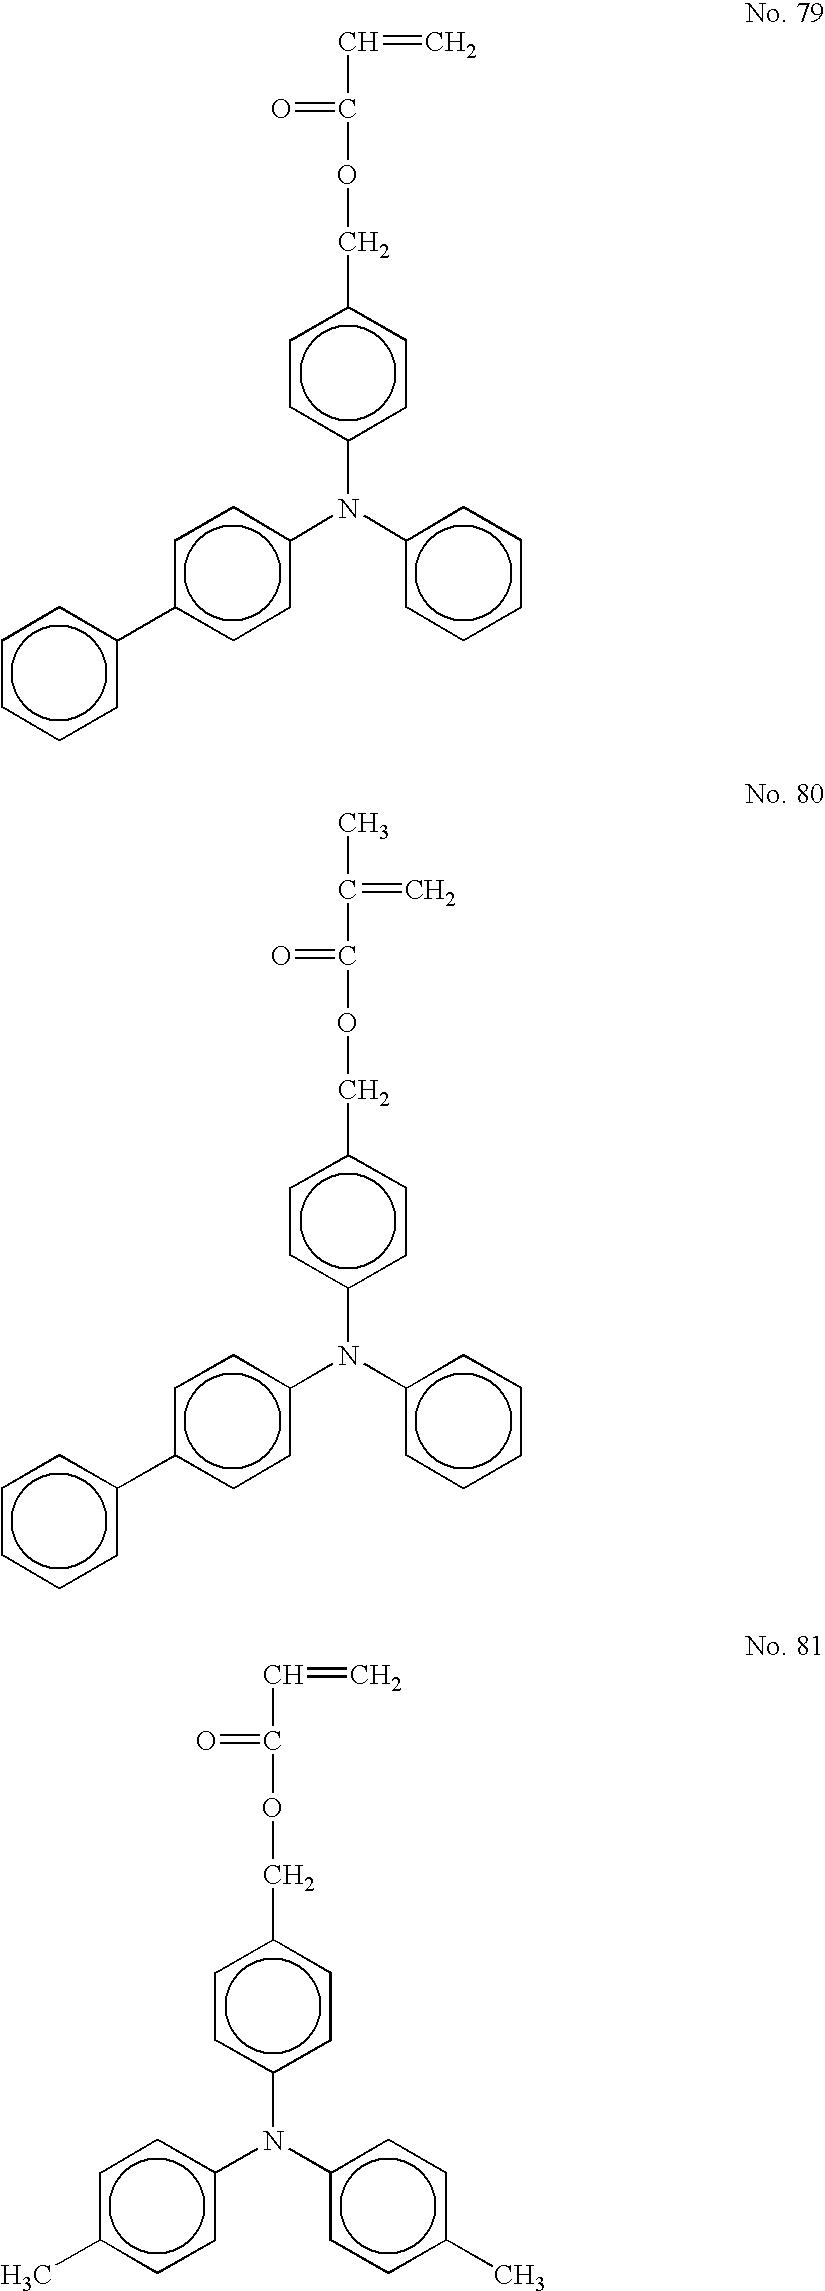 Figure US20050175911A1-20050811-C00028